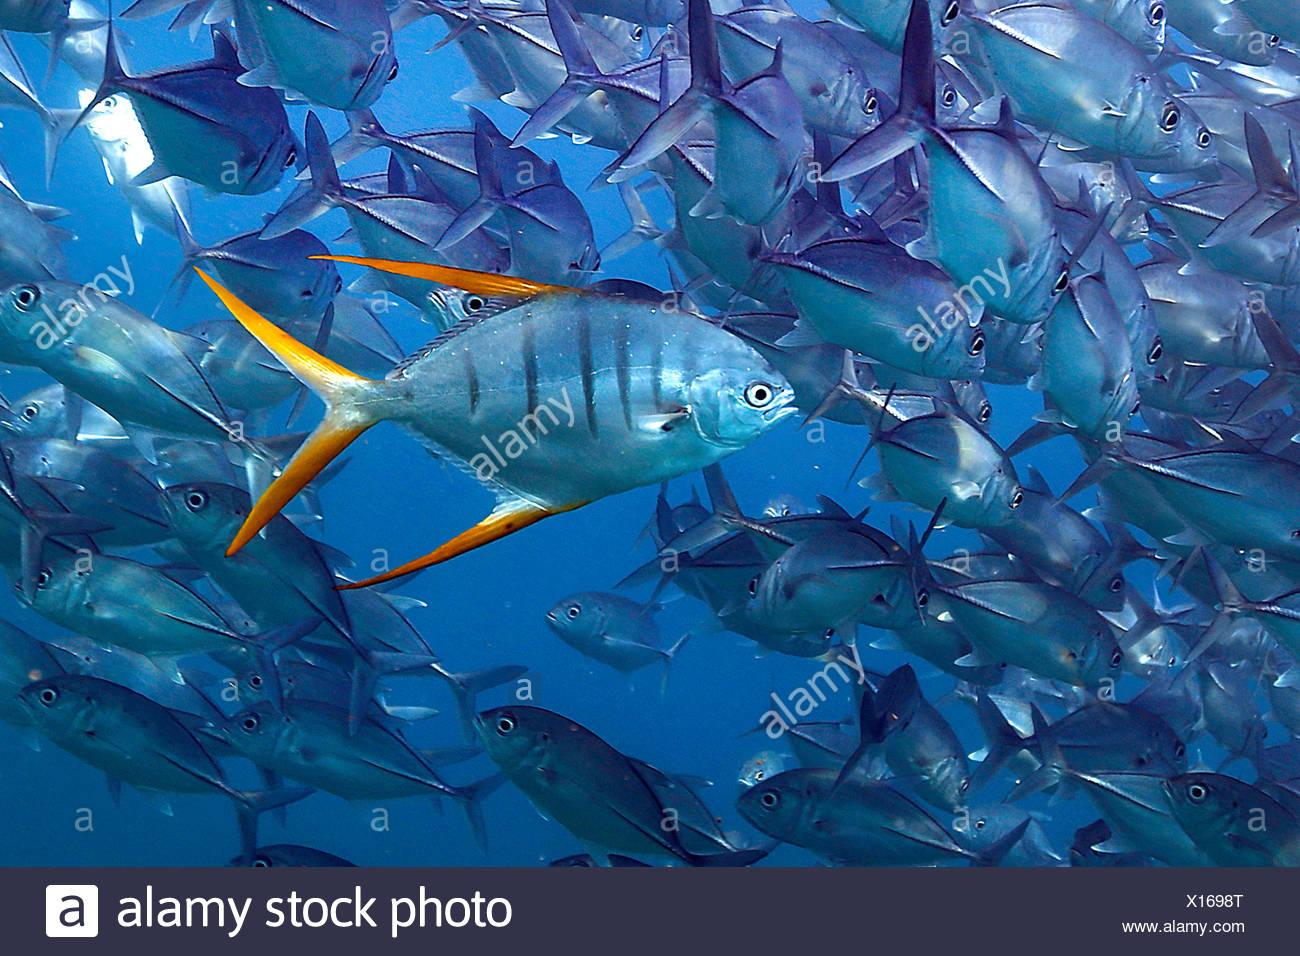 Stachelmakrele, Stachel-Makrele, Trachinotus rhodopus (Trachinotus rhodopus), schwimmend vor Fischschwarm, Costa Rica | Gafftops - Stock Image